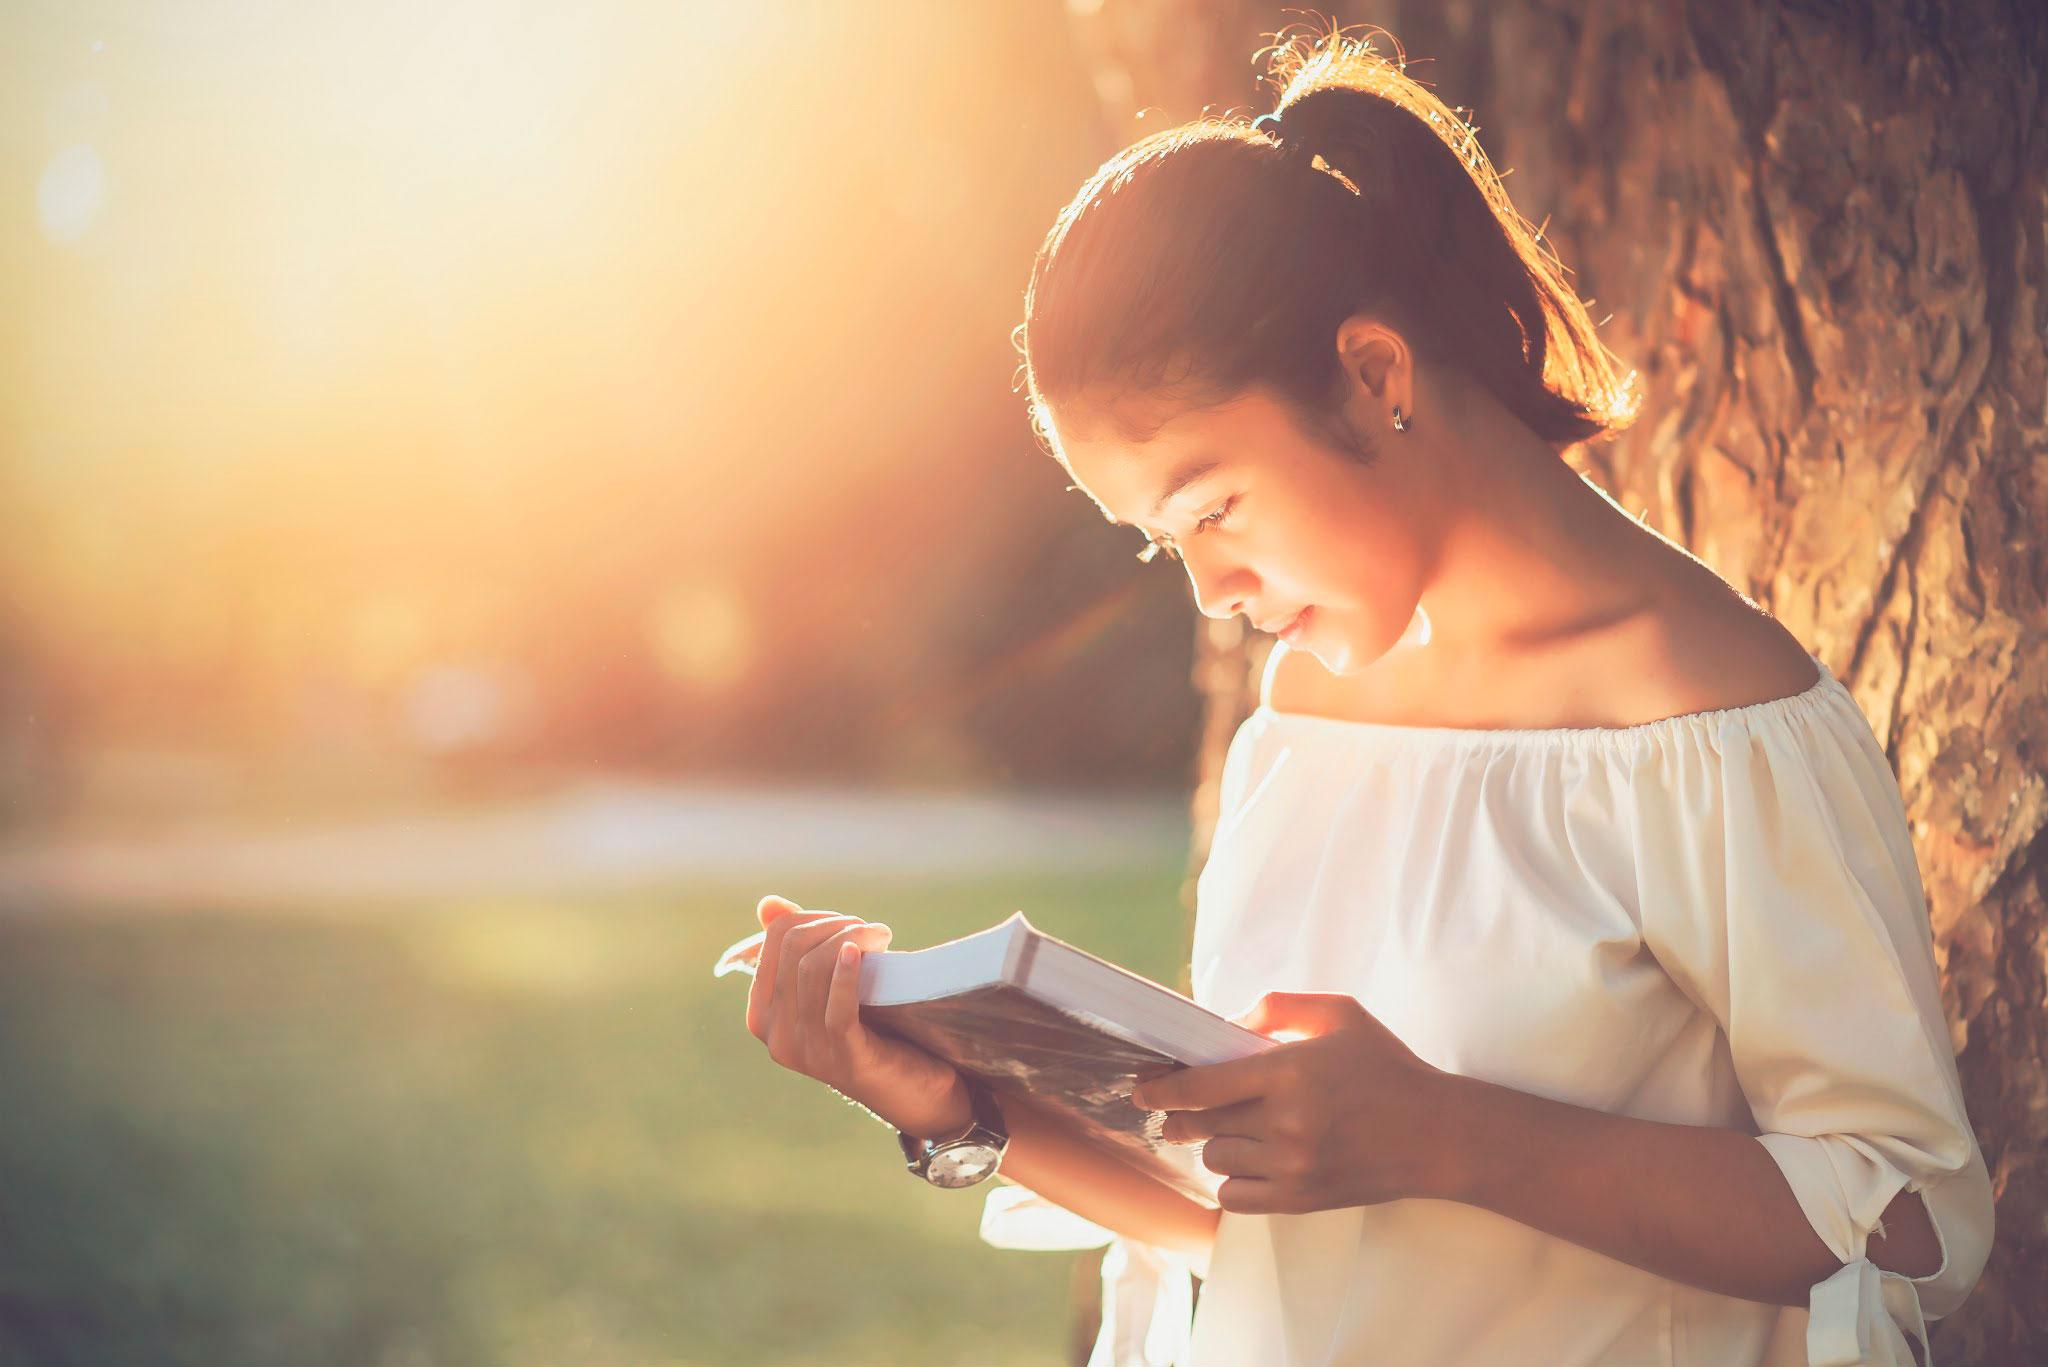 Prefieren mexicanos leer novelas románticas